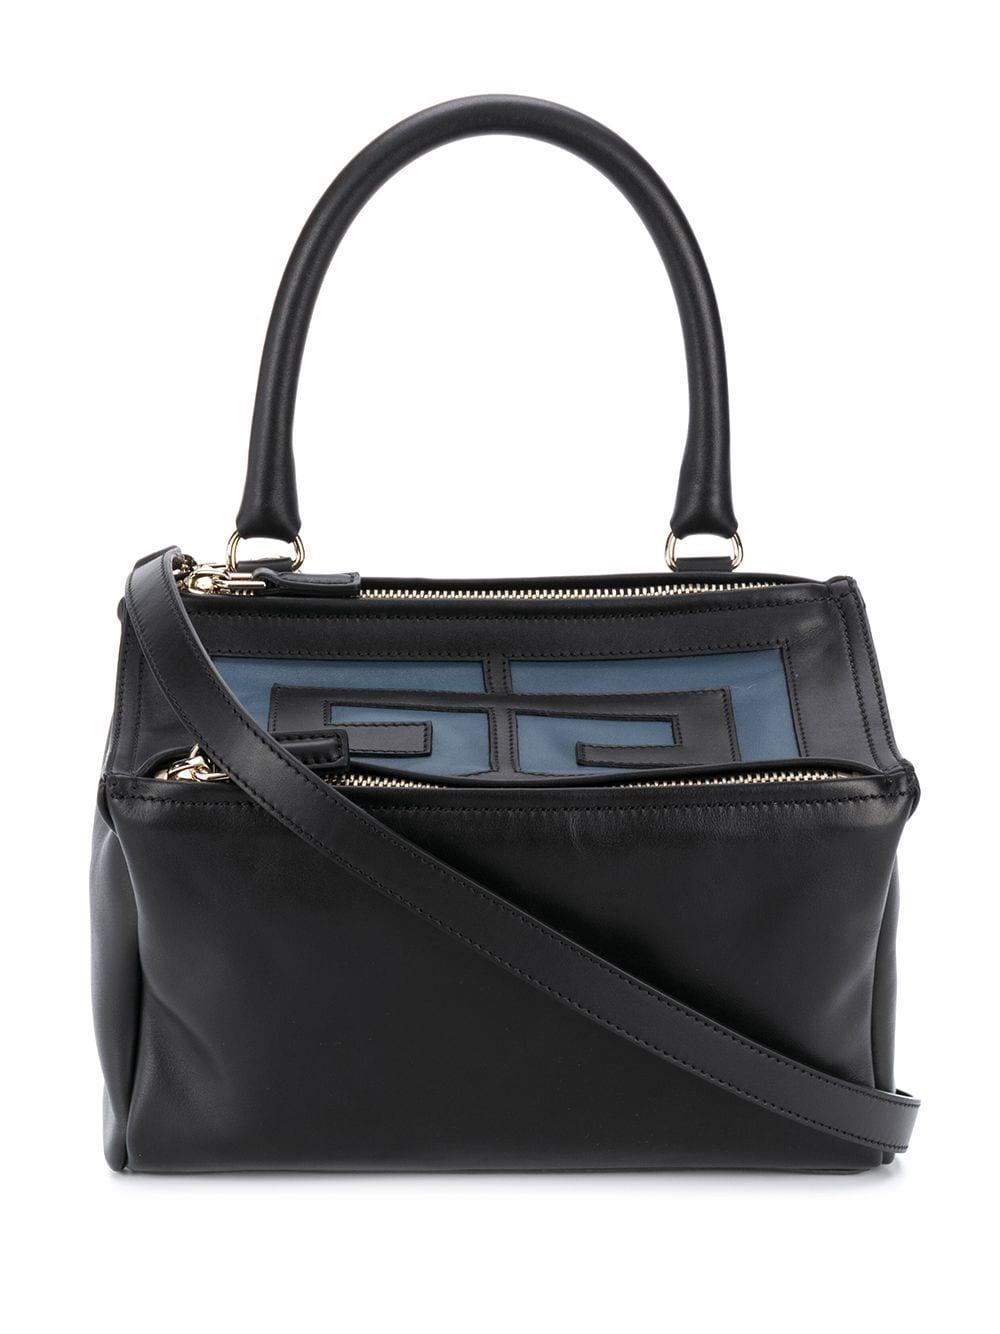 Pandora Small Leather Bag